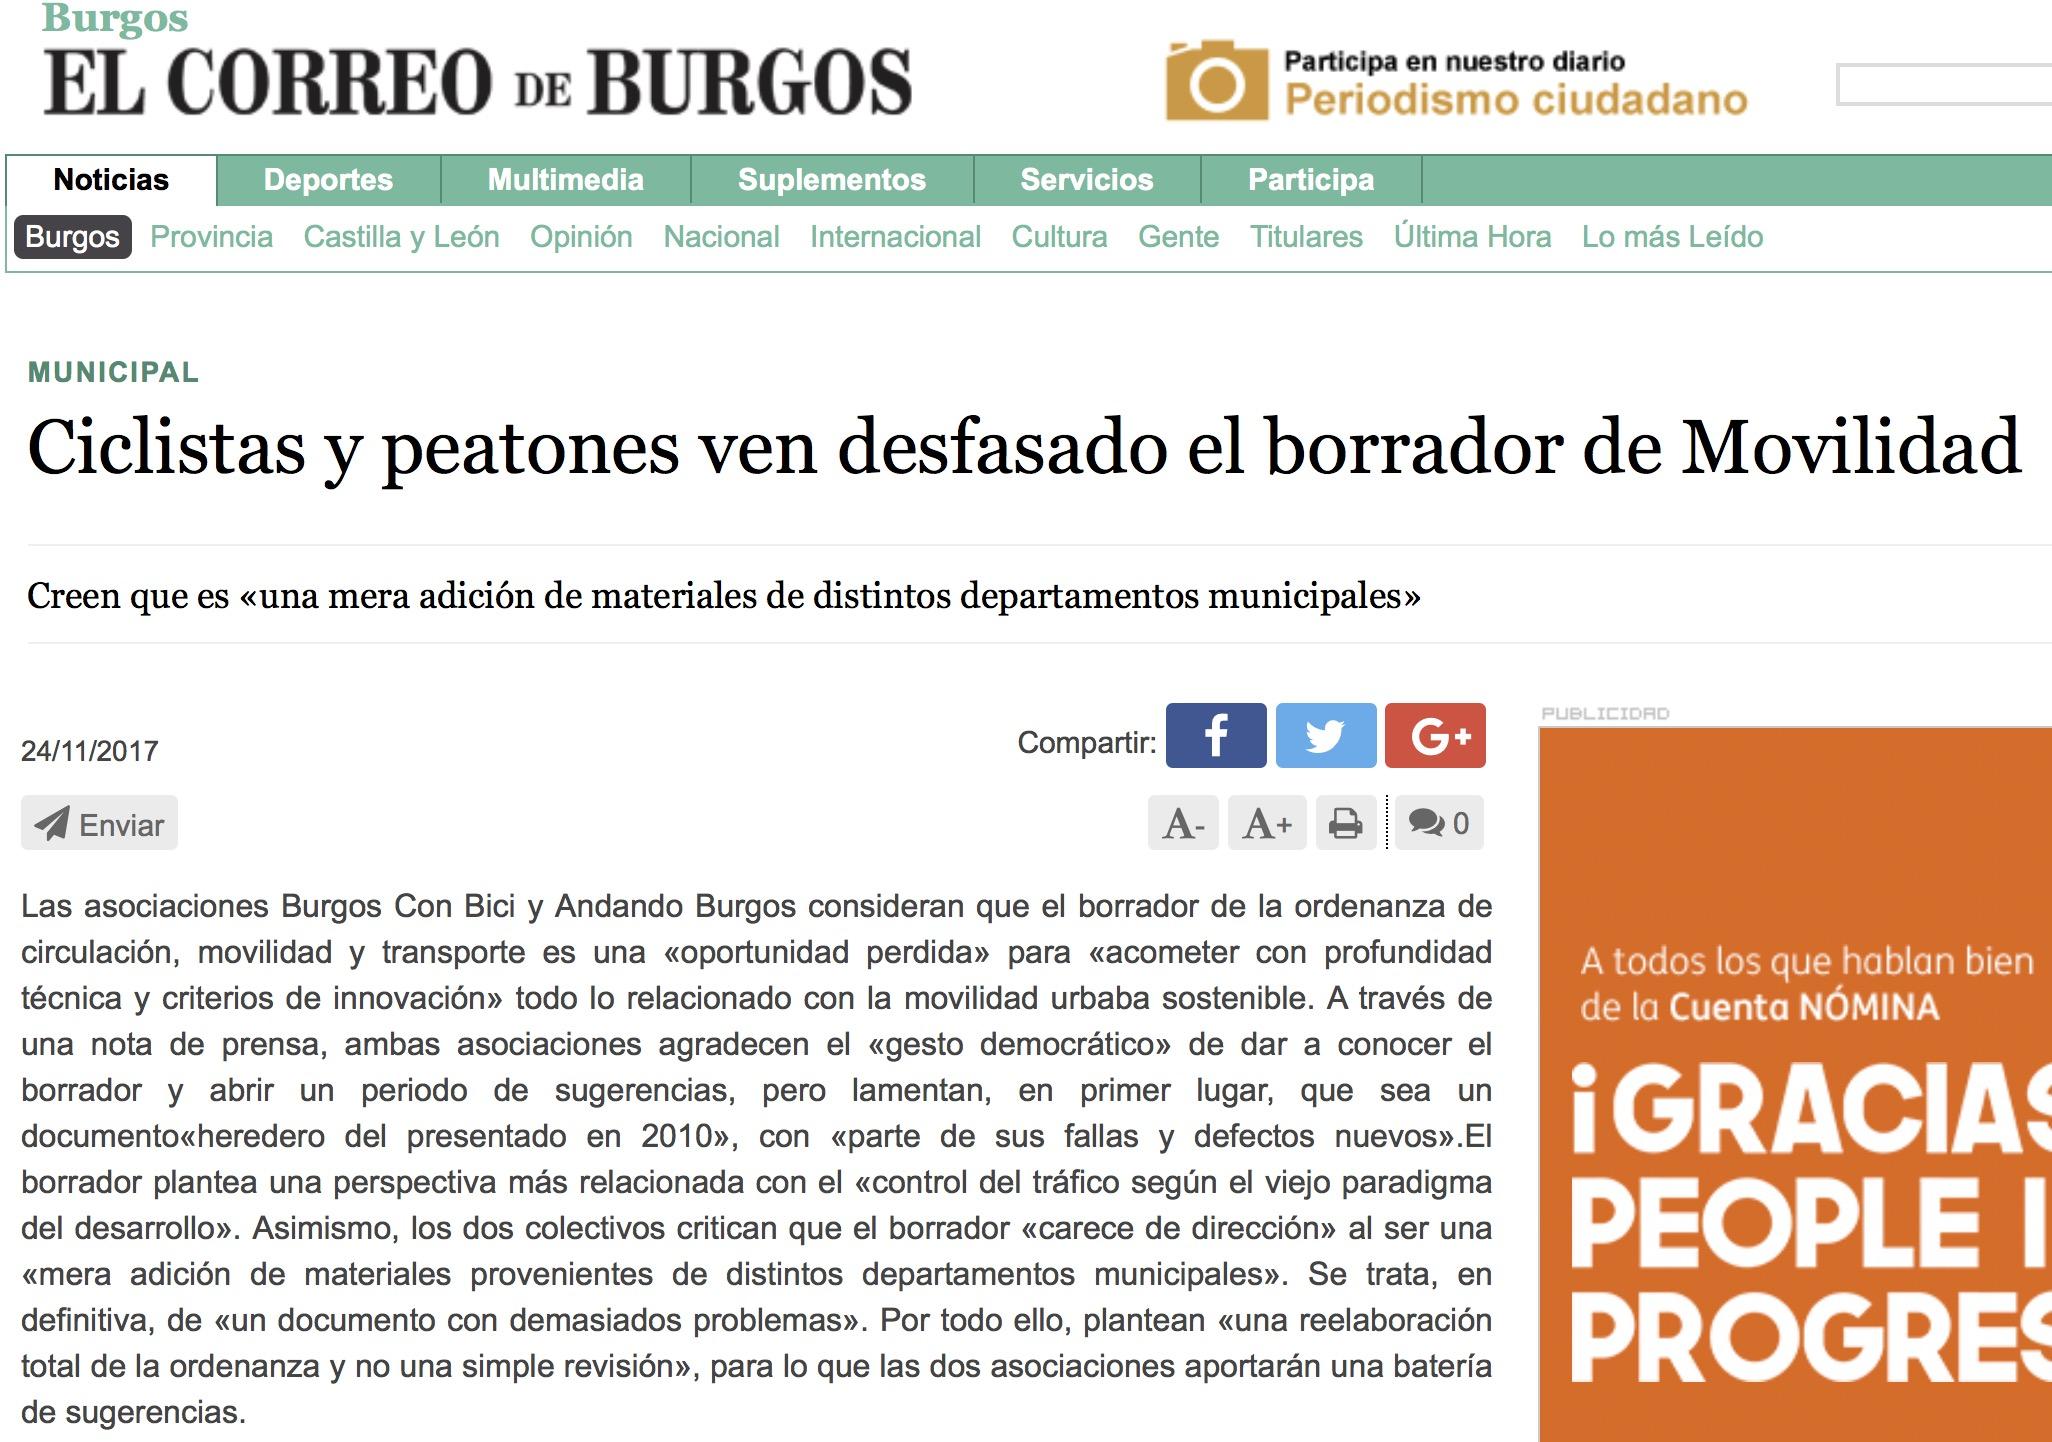 Noticia en el correo de Burgos sobre el comunicado conjunto